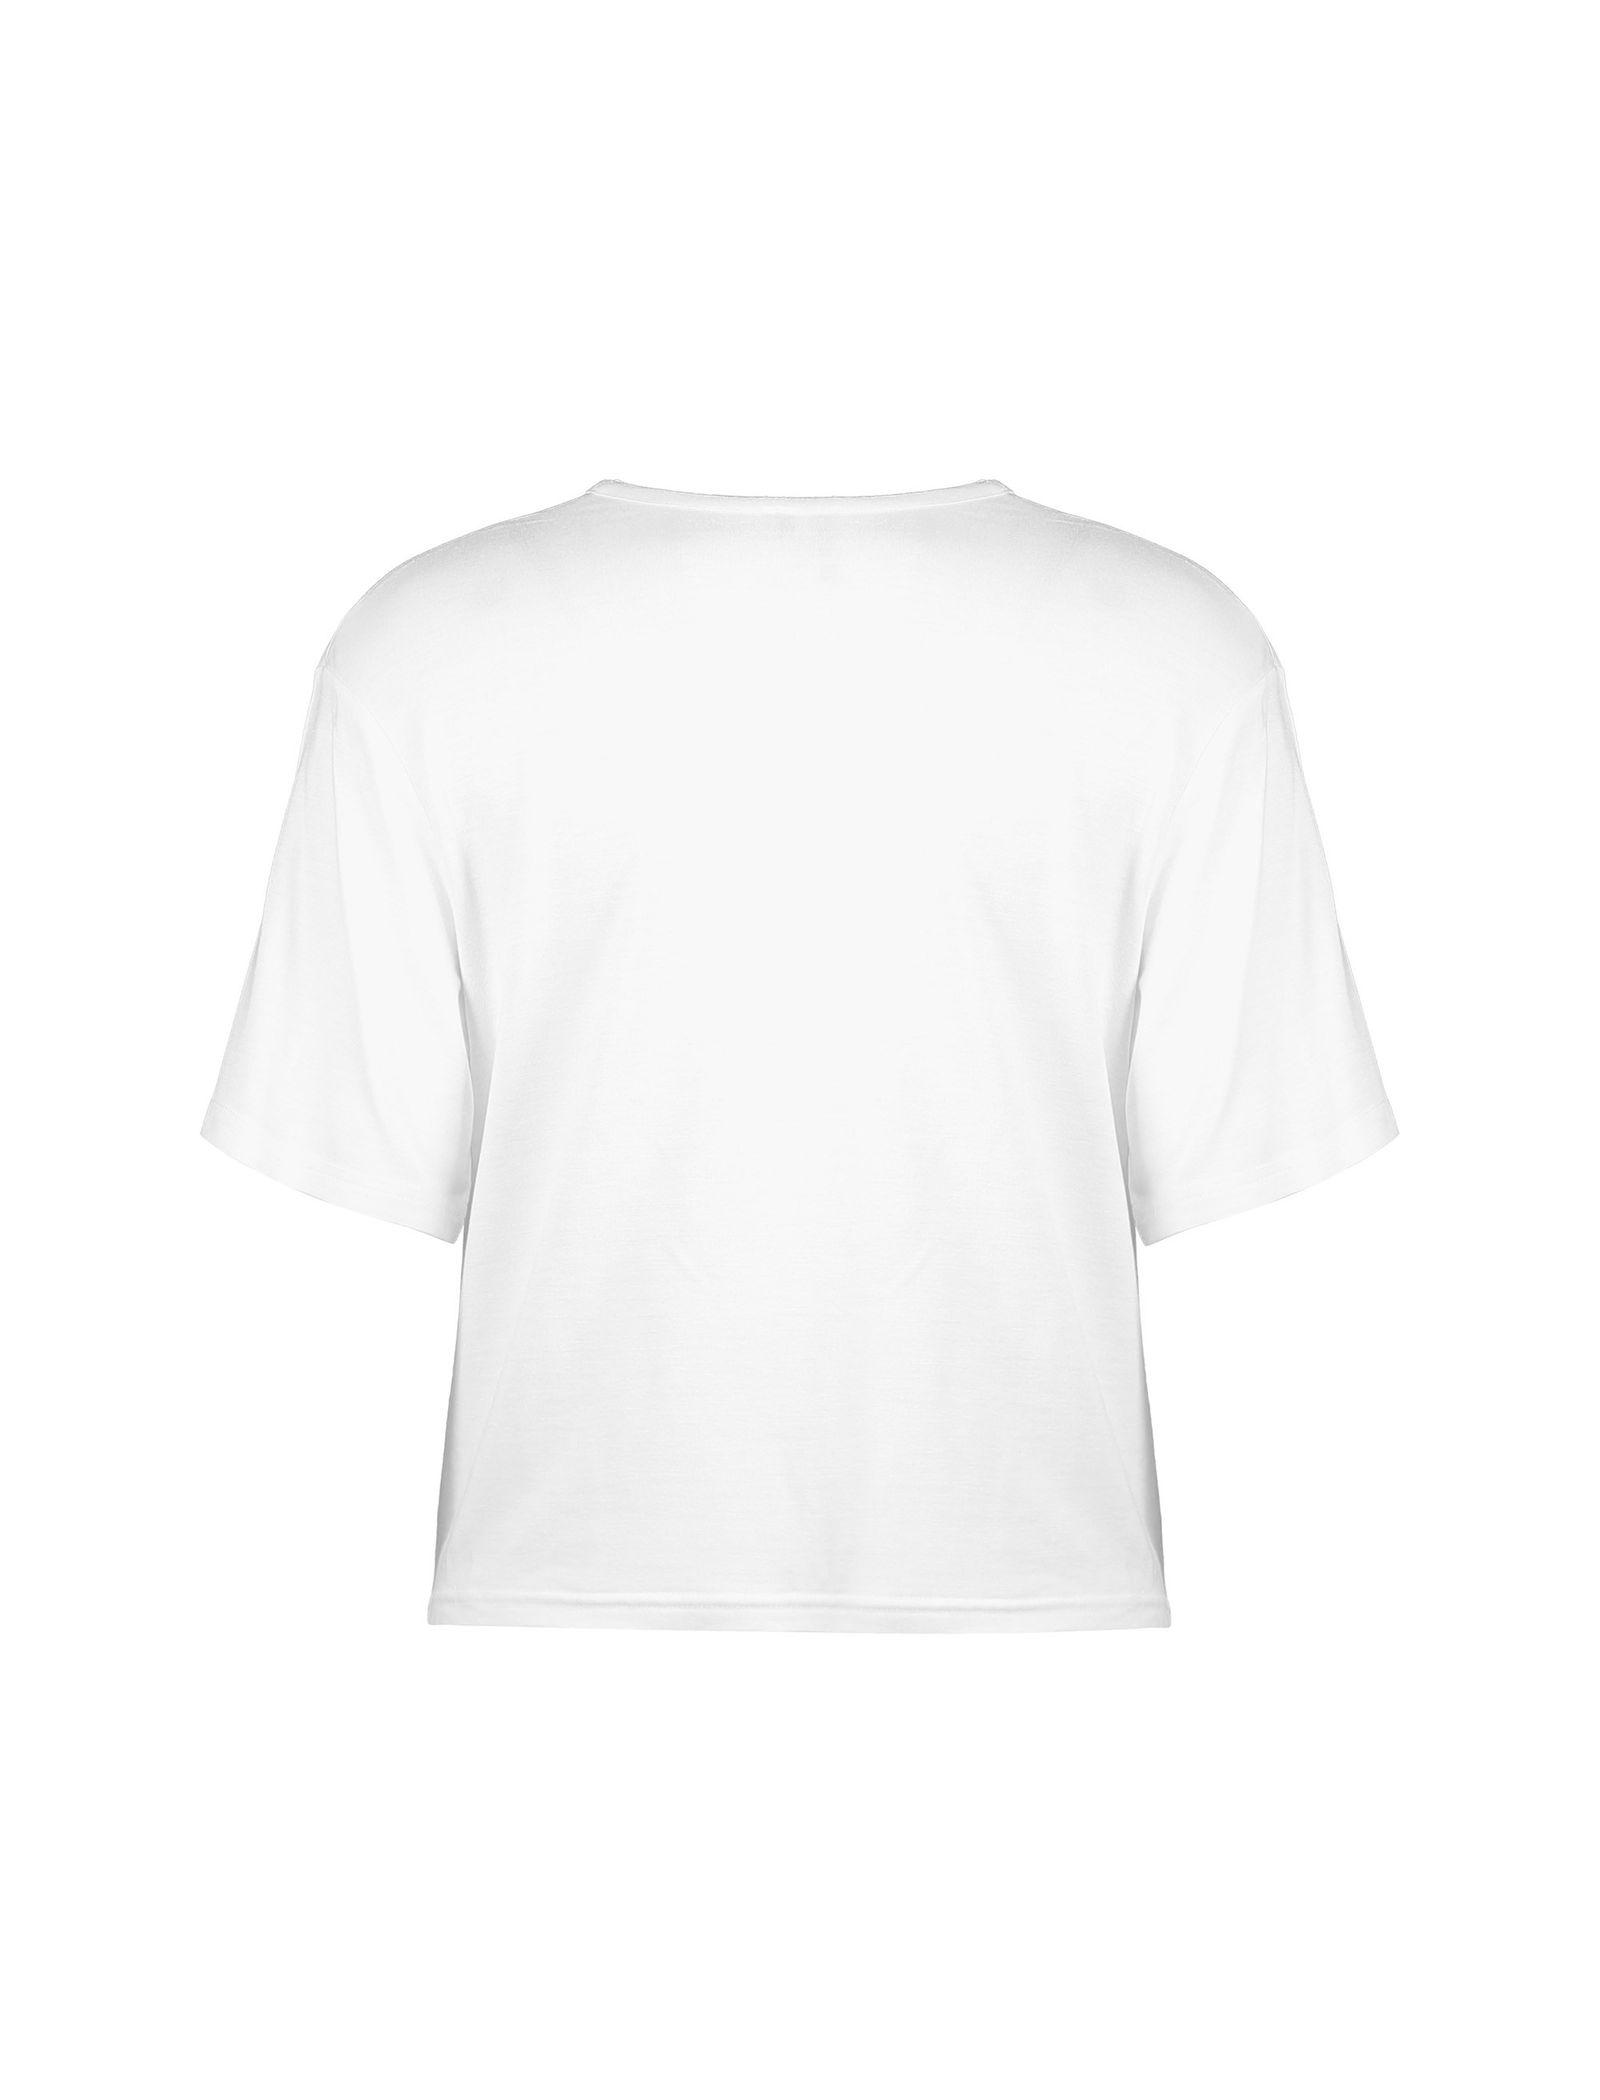 تی شرت ویسکوز آستین کوتاه دخترانه - نیو لوک - سفيد - 2